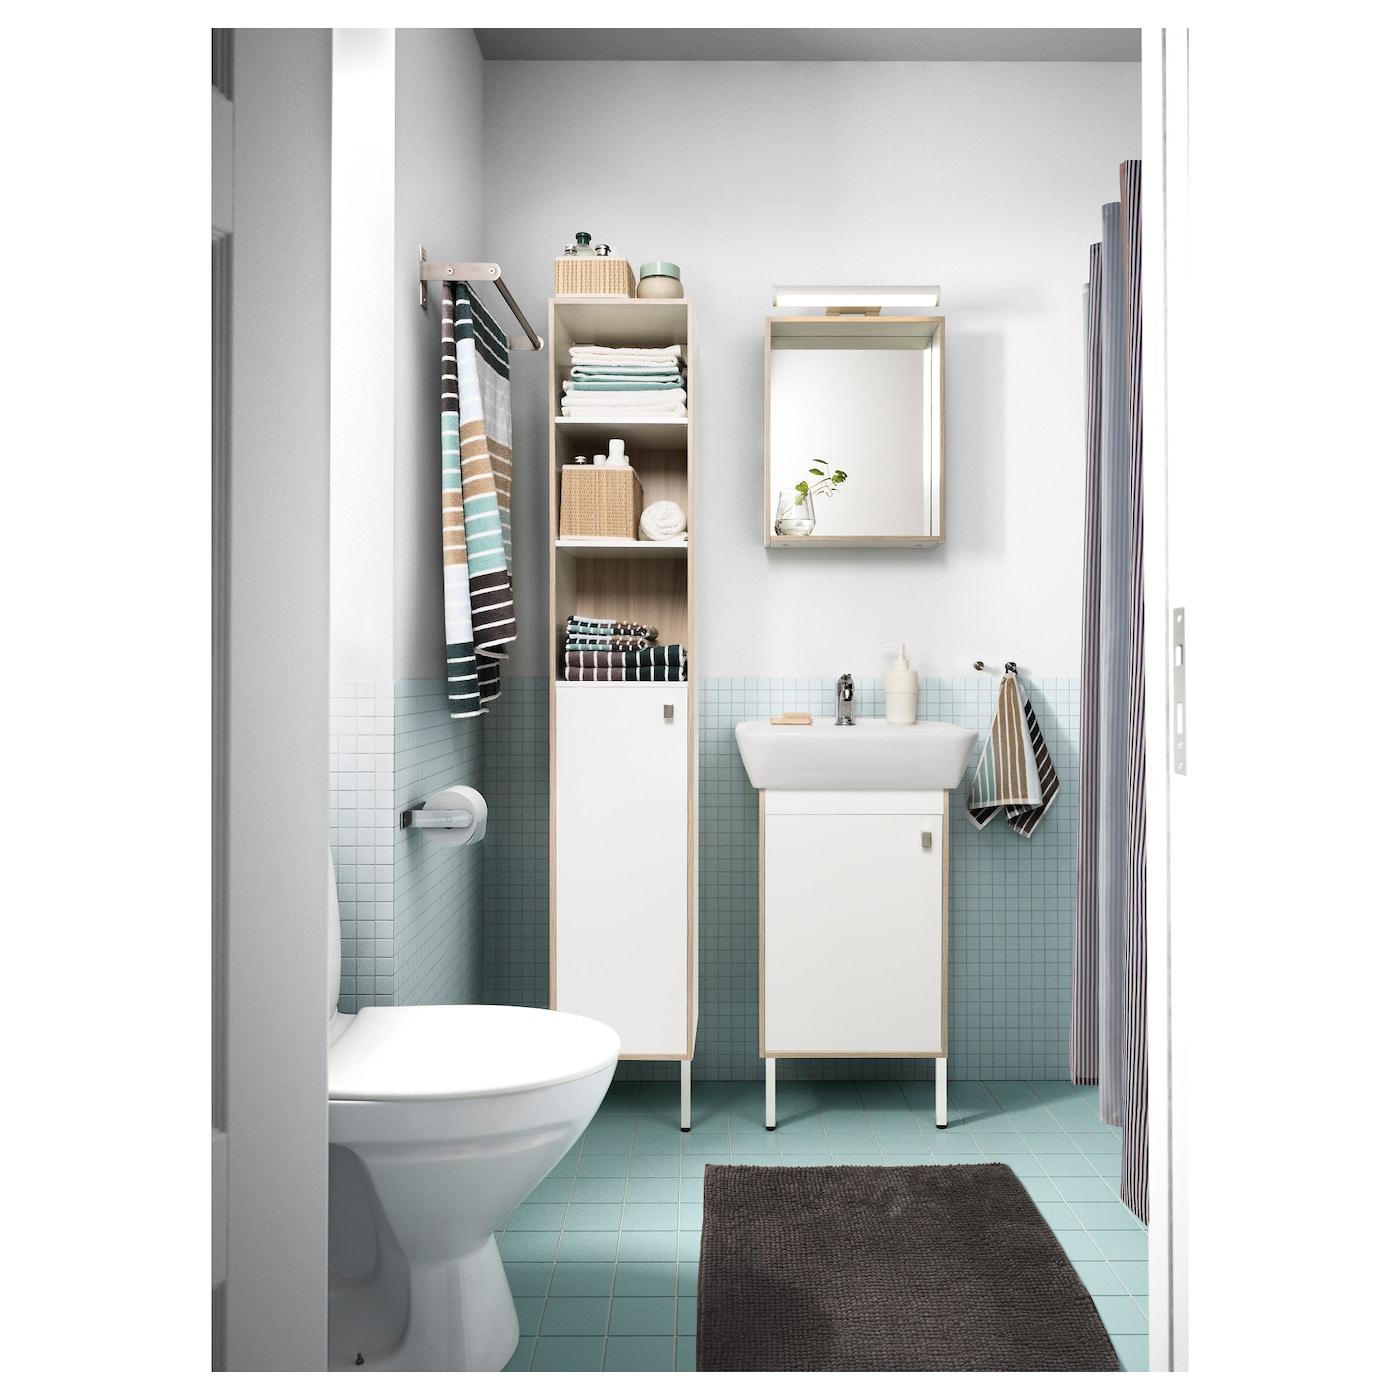 Bathroom washbasin cabinets - Ikea Tyngen Washbasin Cabinet With 1 Door